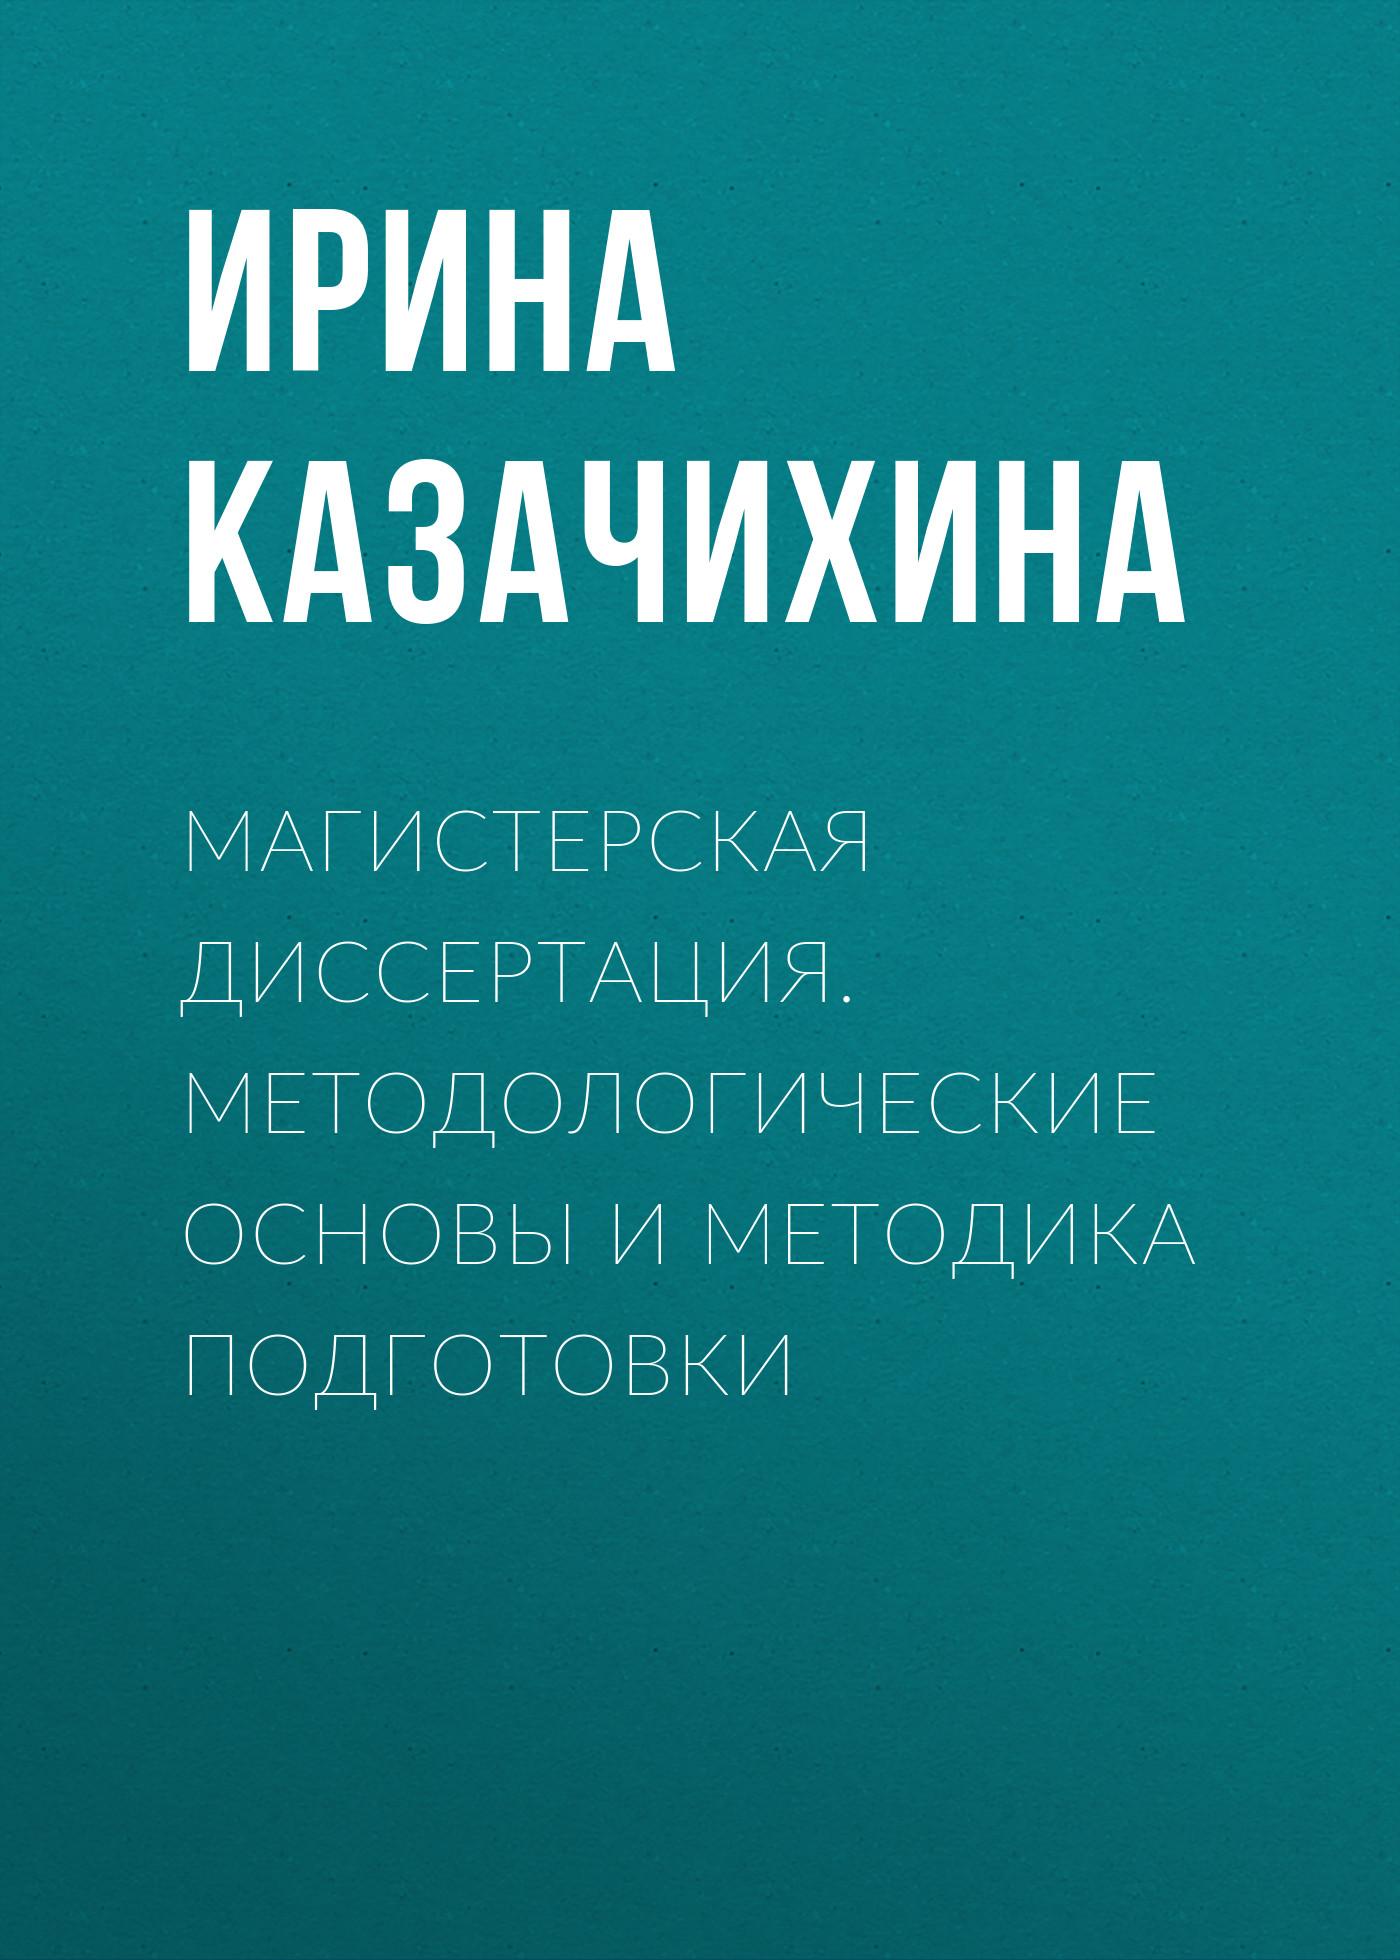 Ирина Казачихина Магистерская диссертация. Методологические основы и методика подготовки панно для фотографий umbra luna цвет черный